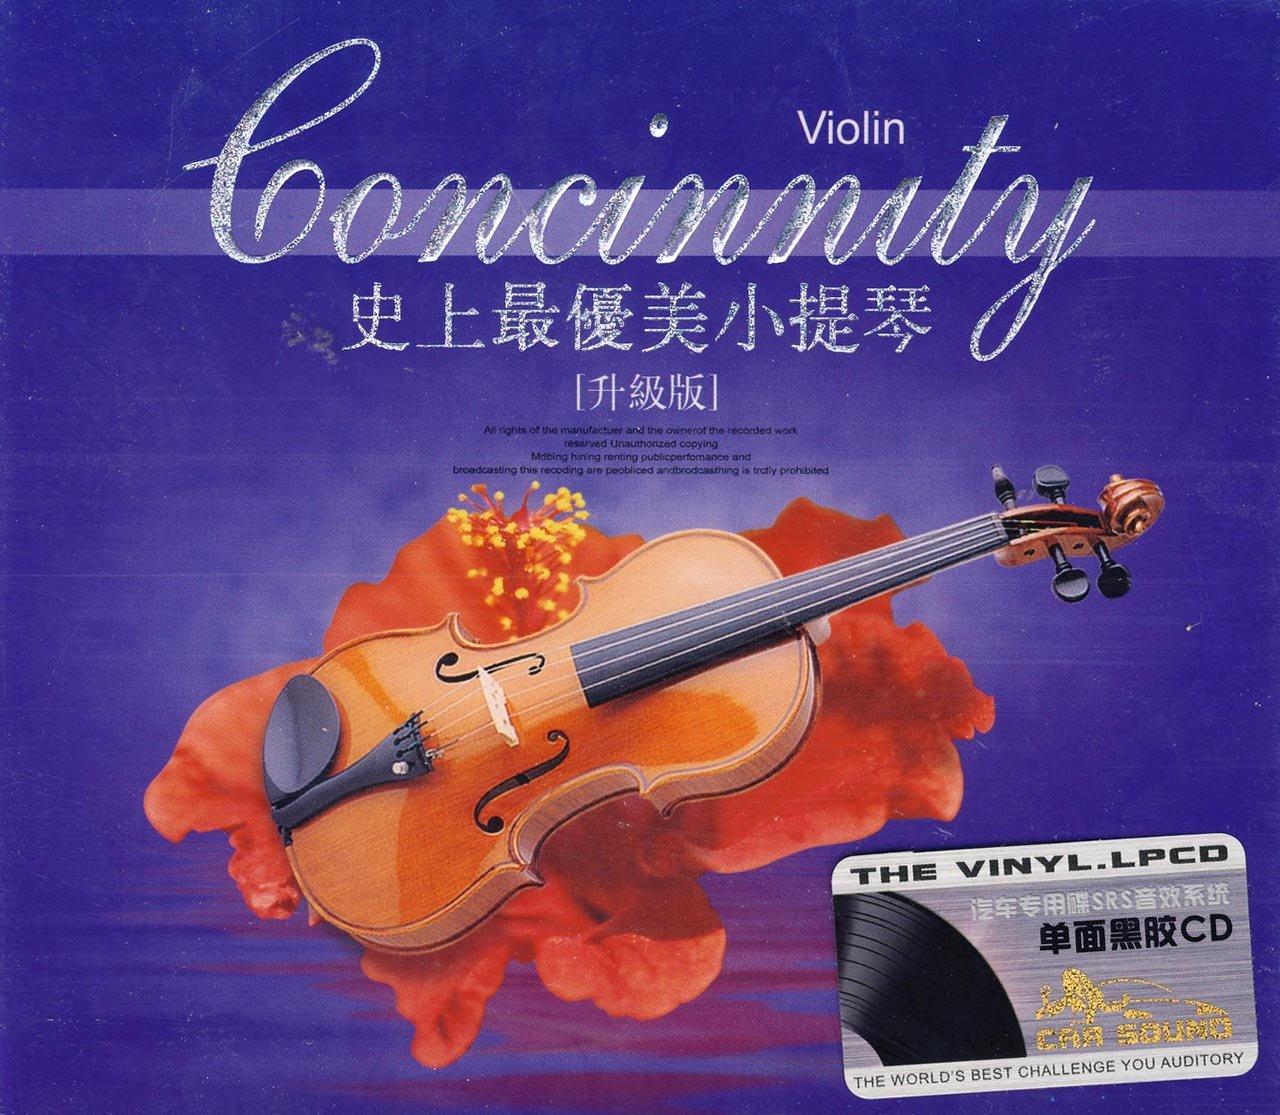 《史上最优美小提琴:升级版》精品音乐之声